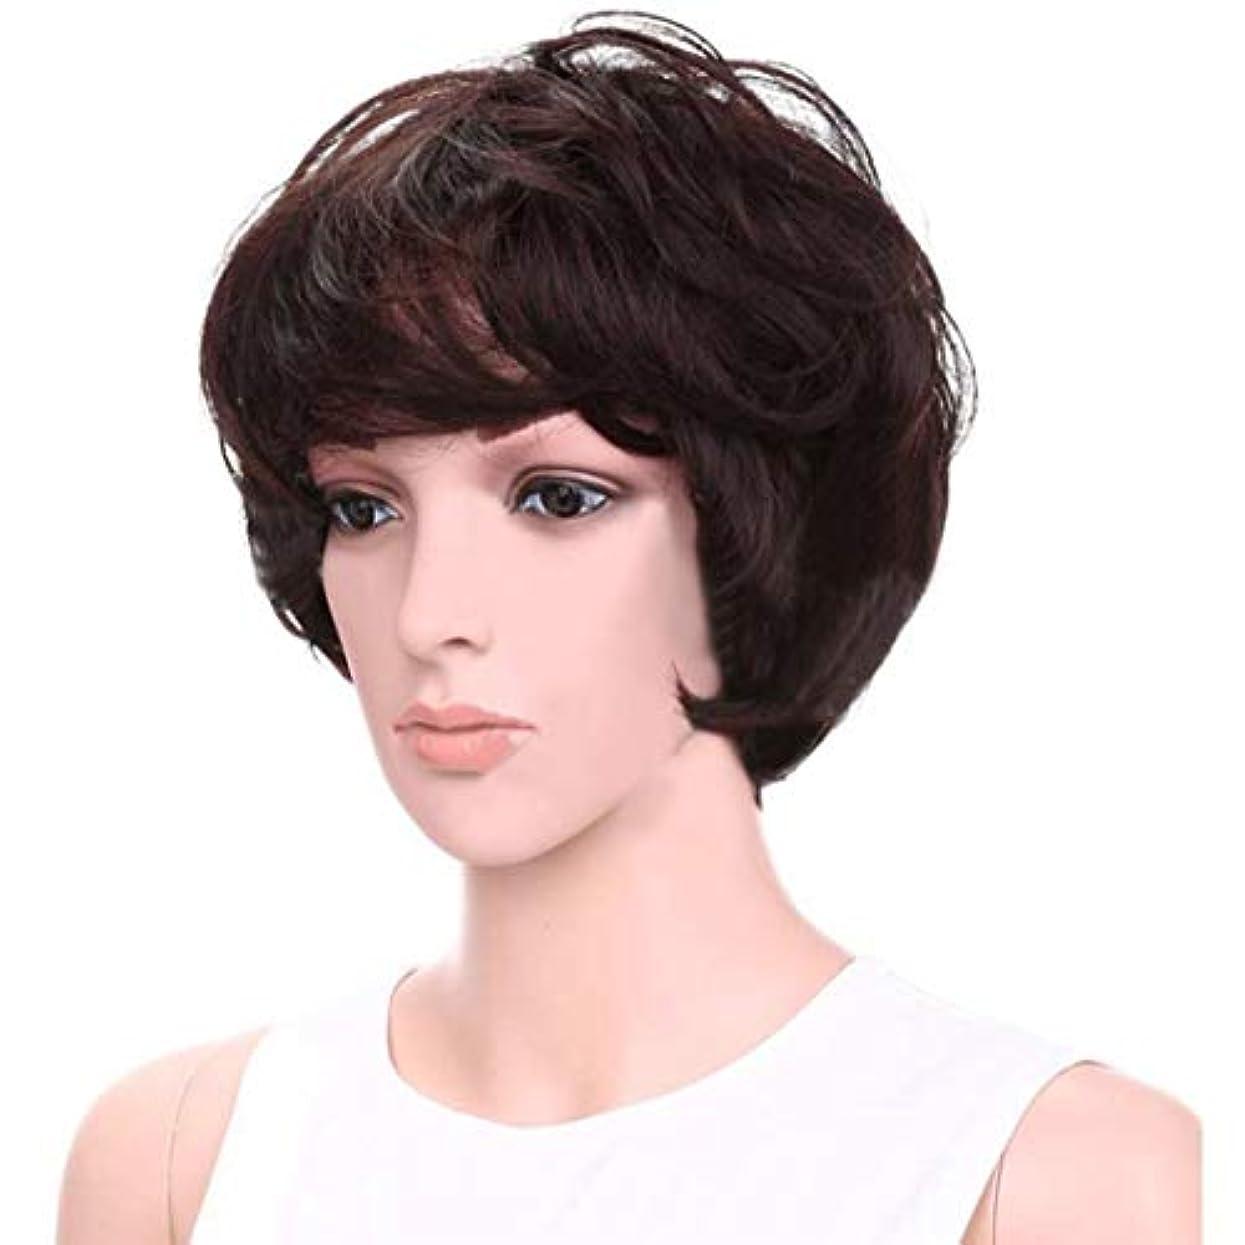 政治的キャップスプレーYOUQIU エア?フラッツ前髪髪の耐熱ウィッグでパーソナリティかつら女性のショートヘアウィッグふわふわ8インチ(ダークブラウン)かつら (色 : Dark brown)